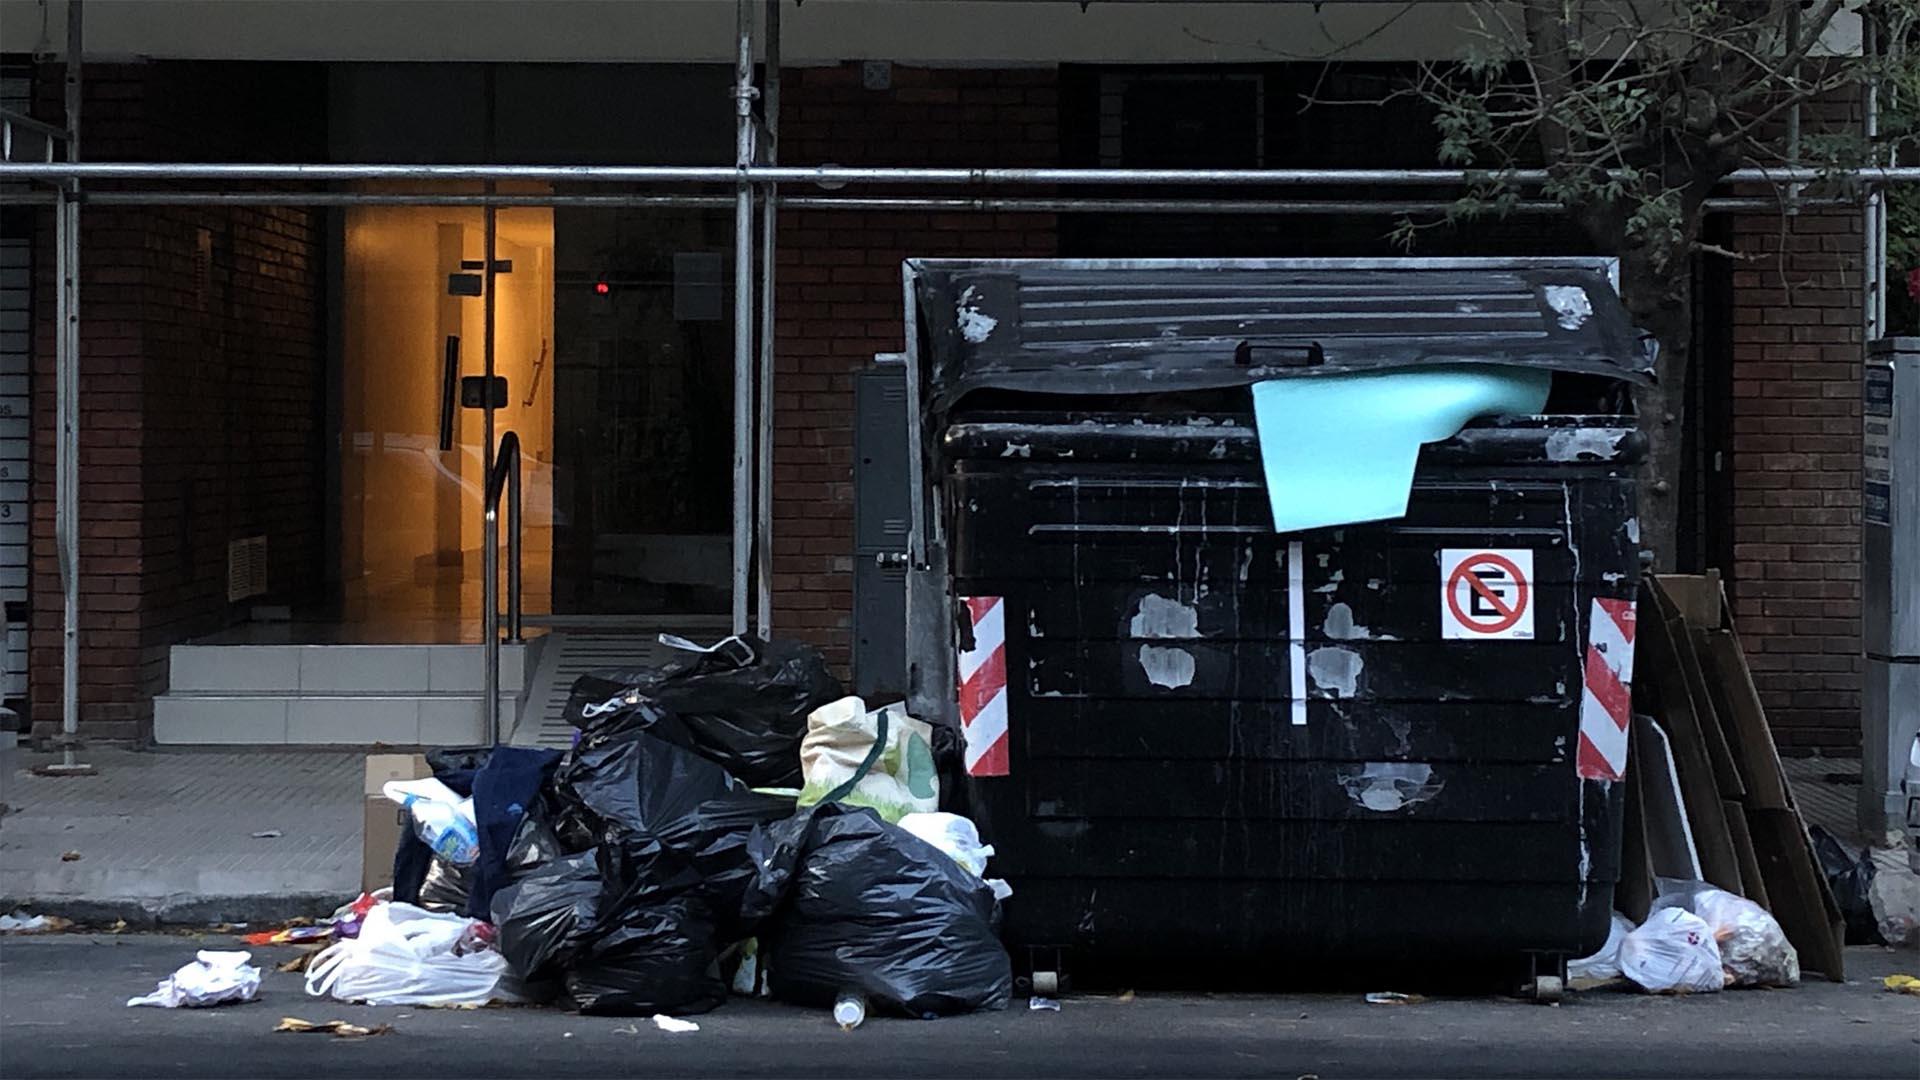 La semana pasada, el Ministerio de Ambiente y Espacio Público porteño había solicitado a os vecinos no sacar los residuos el martes 30 de abril y el miércoles 1 de mayo. El pedido no tuvo los efectos deseados.